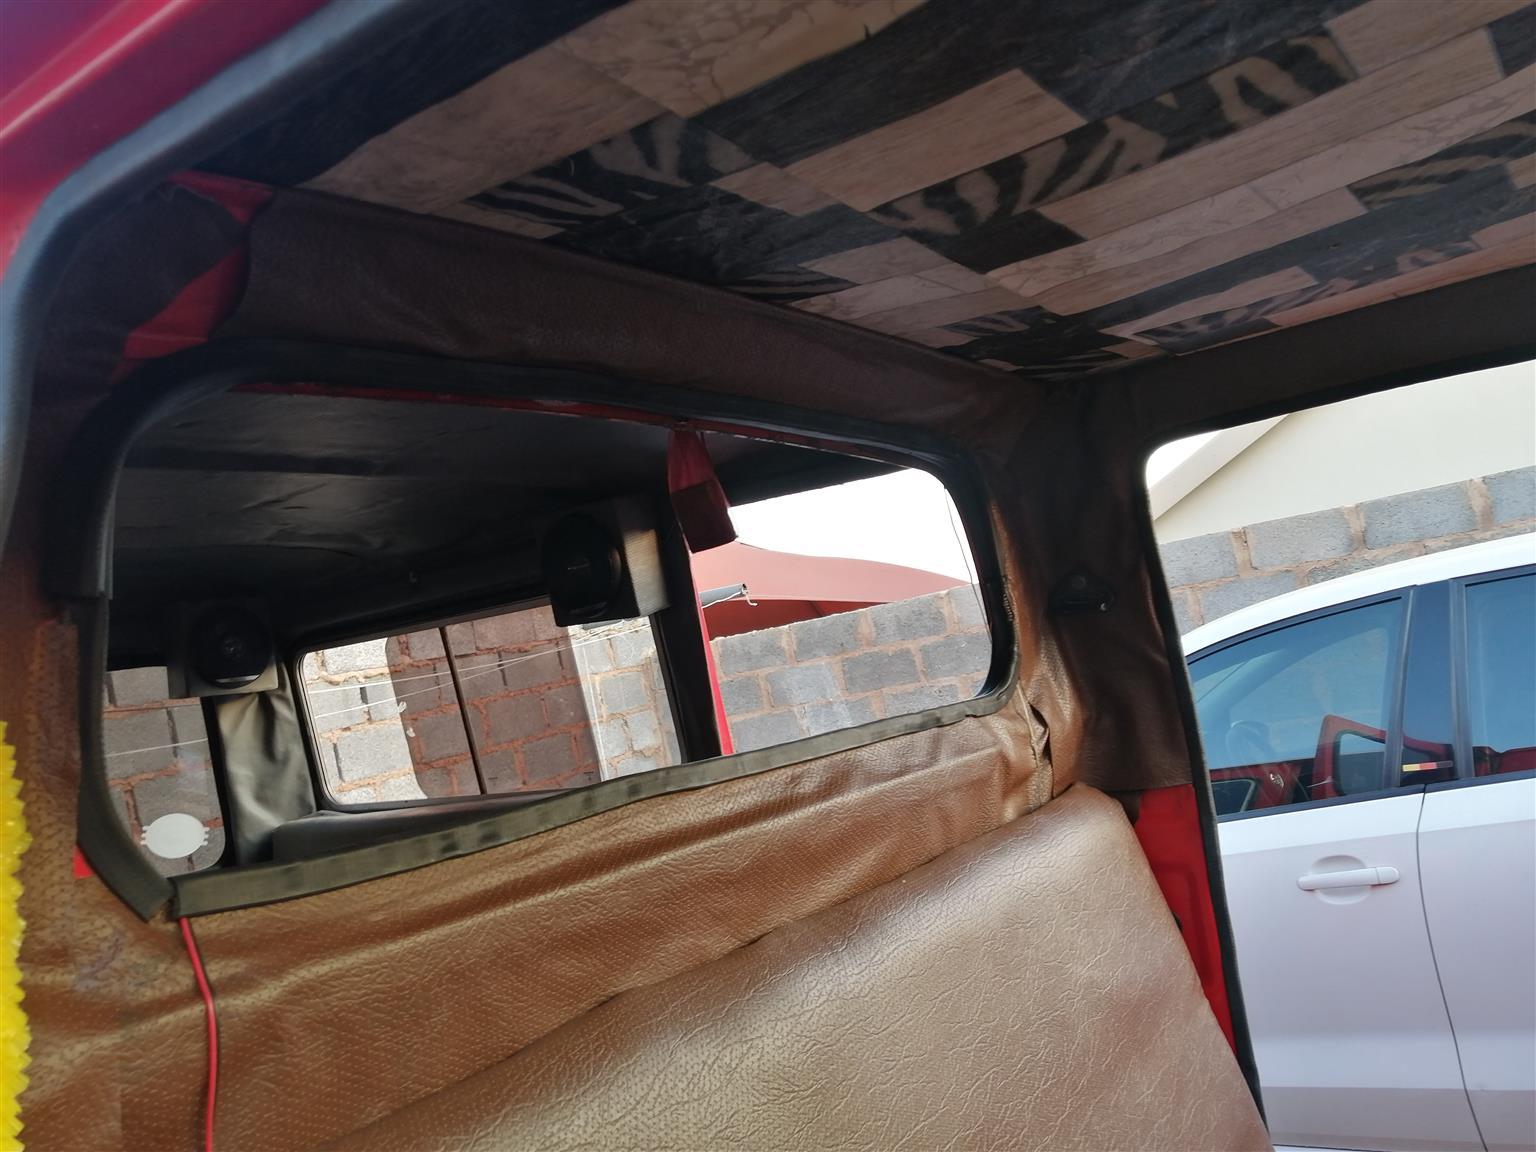 1991 Toyota Stallion 2.0 panel van